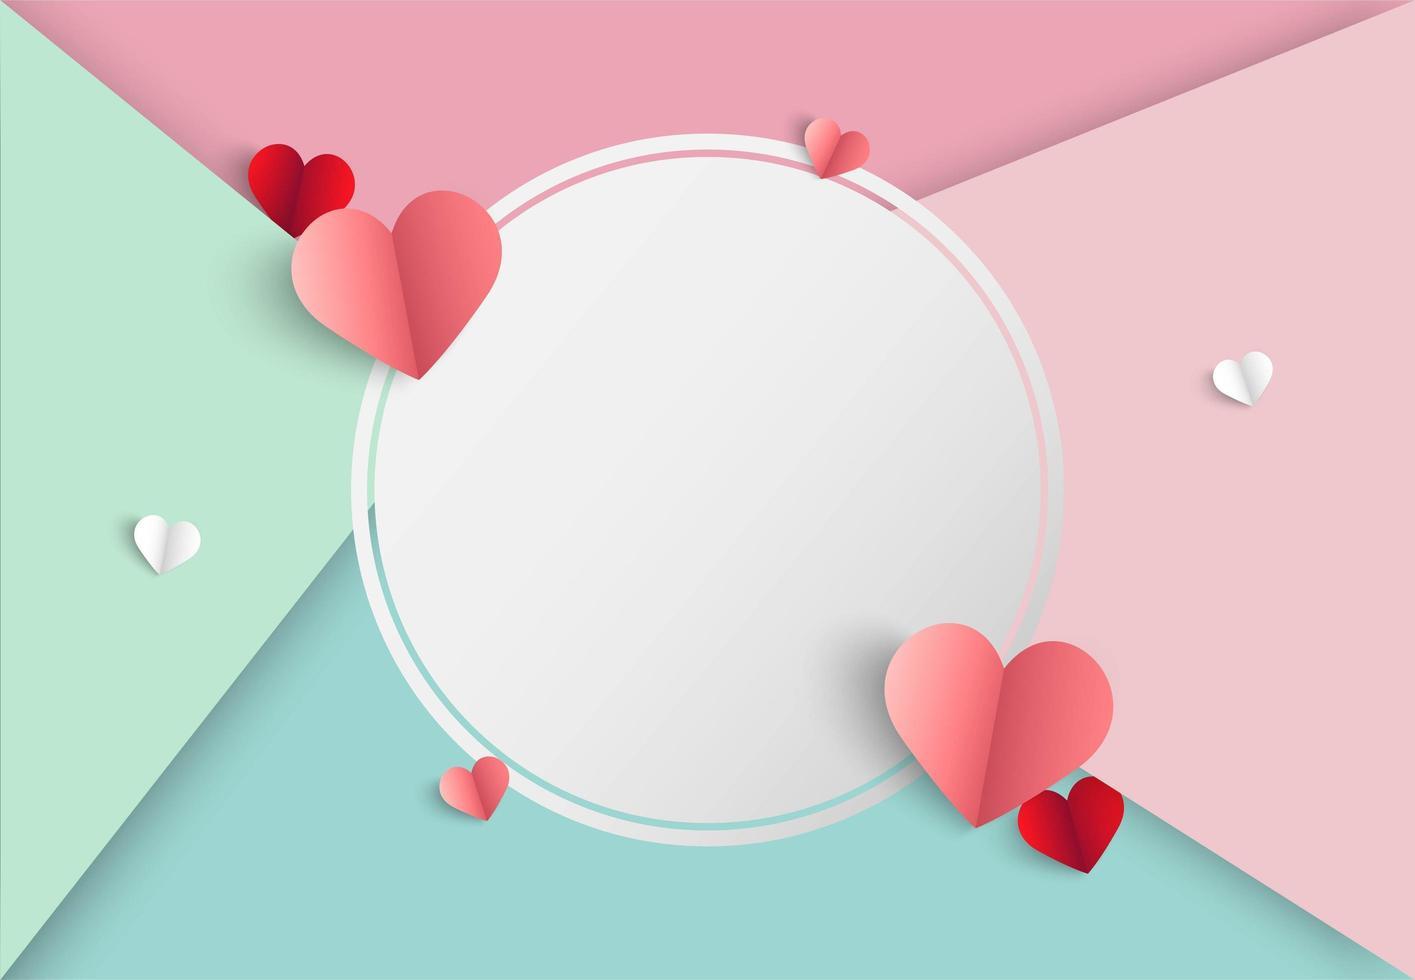 Valentijnskaartenachtergrond met kleurrijke secties, harten en leeg wit cirkelkader vector